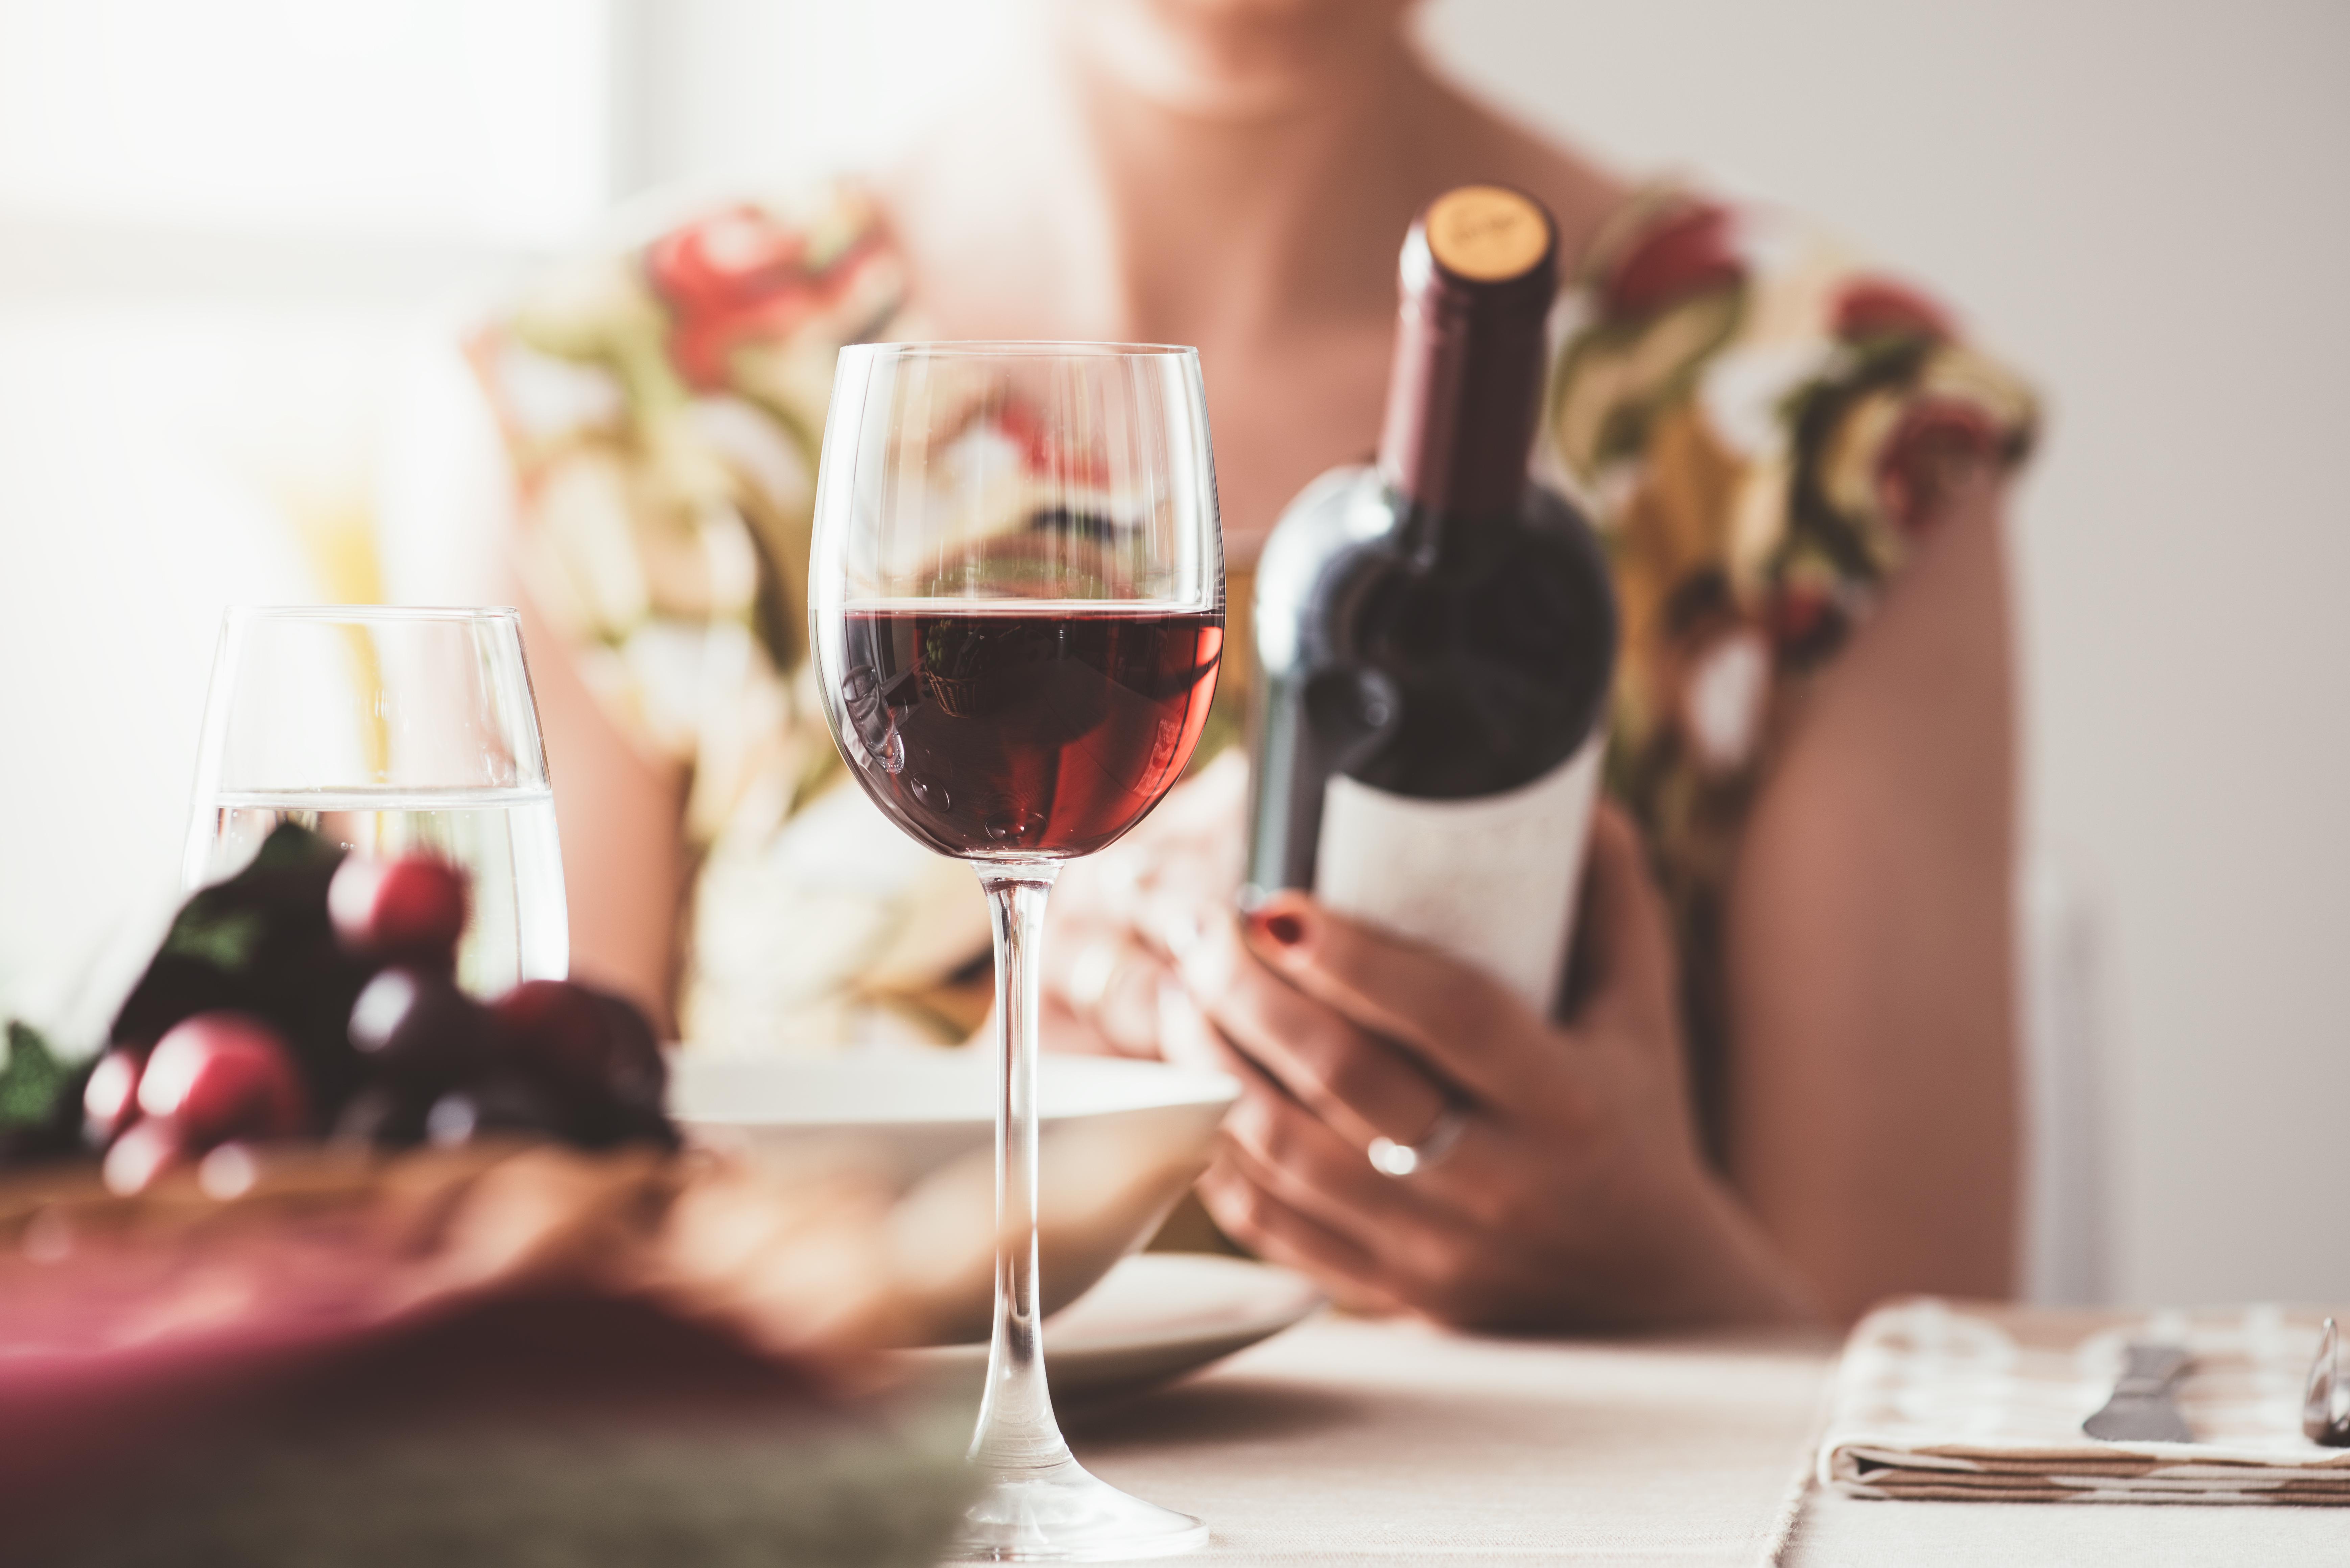 ワインボトルのラベルを見る女性